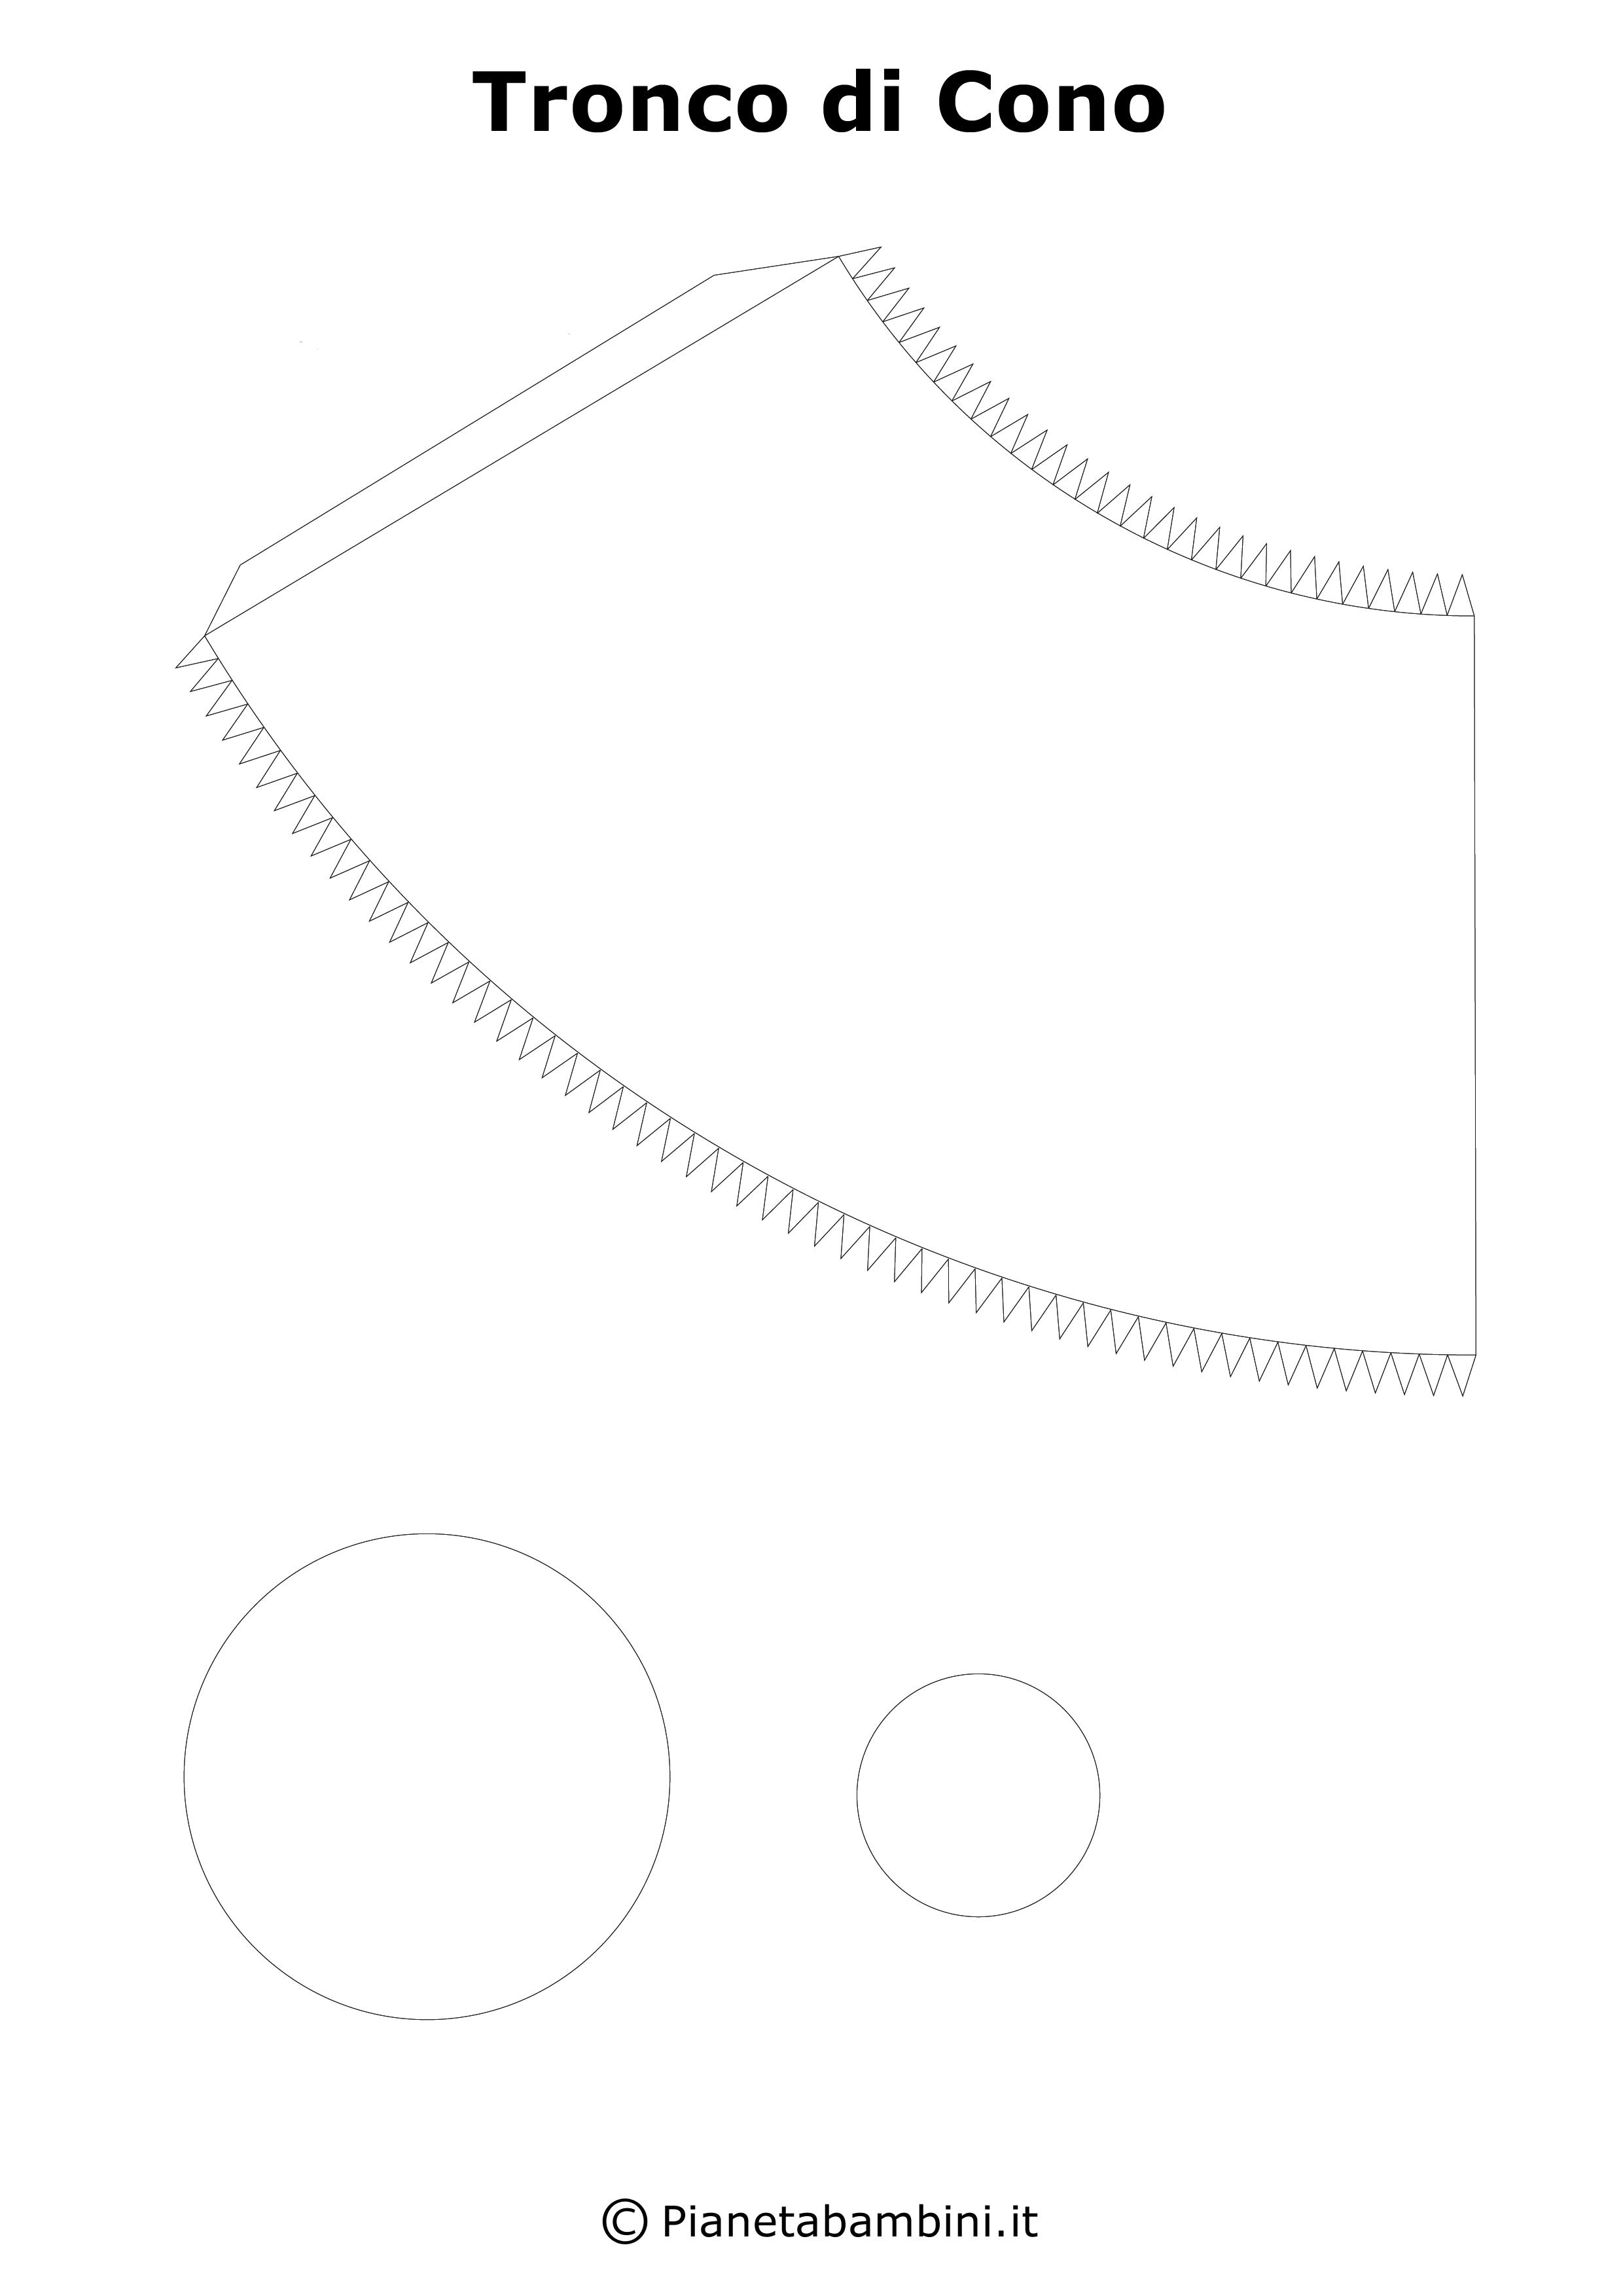 Tronco di cono